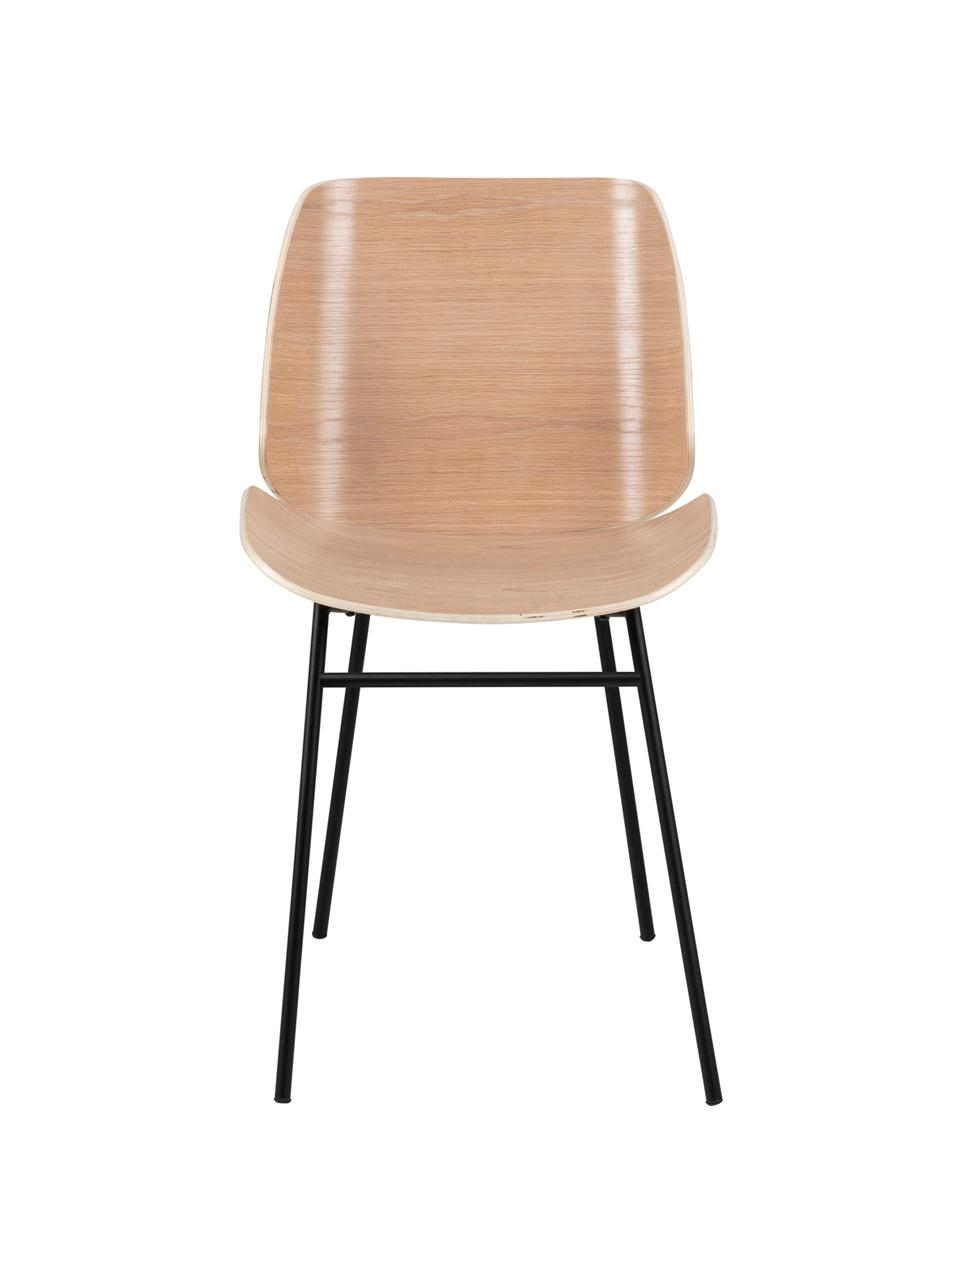 Chaises en bois Aks, 2 pièces, Bois de chêne, noir